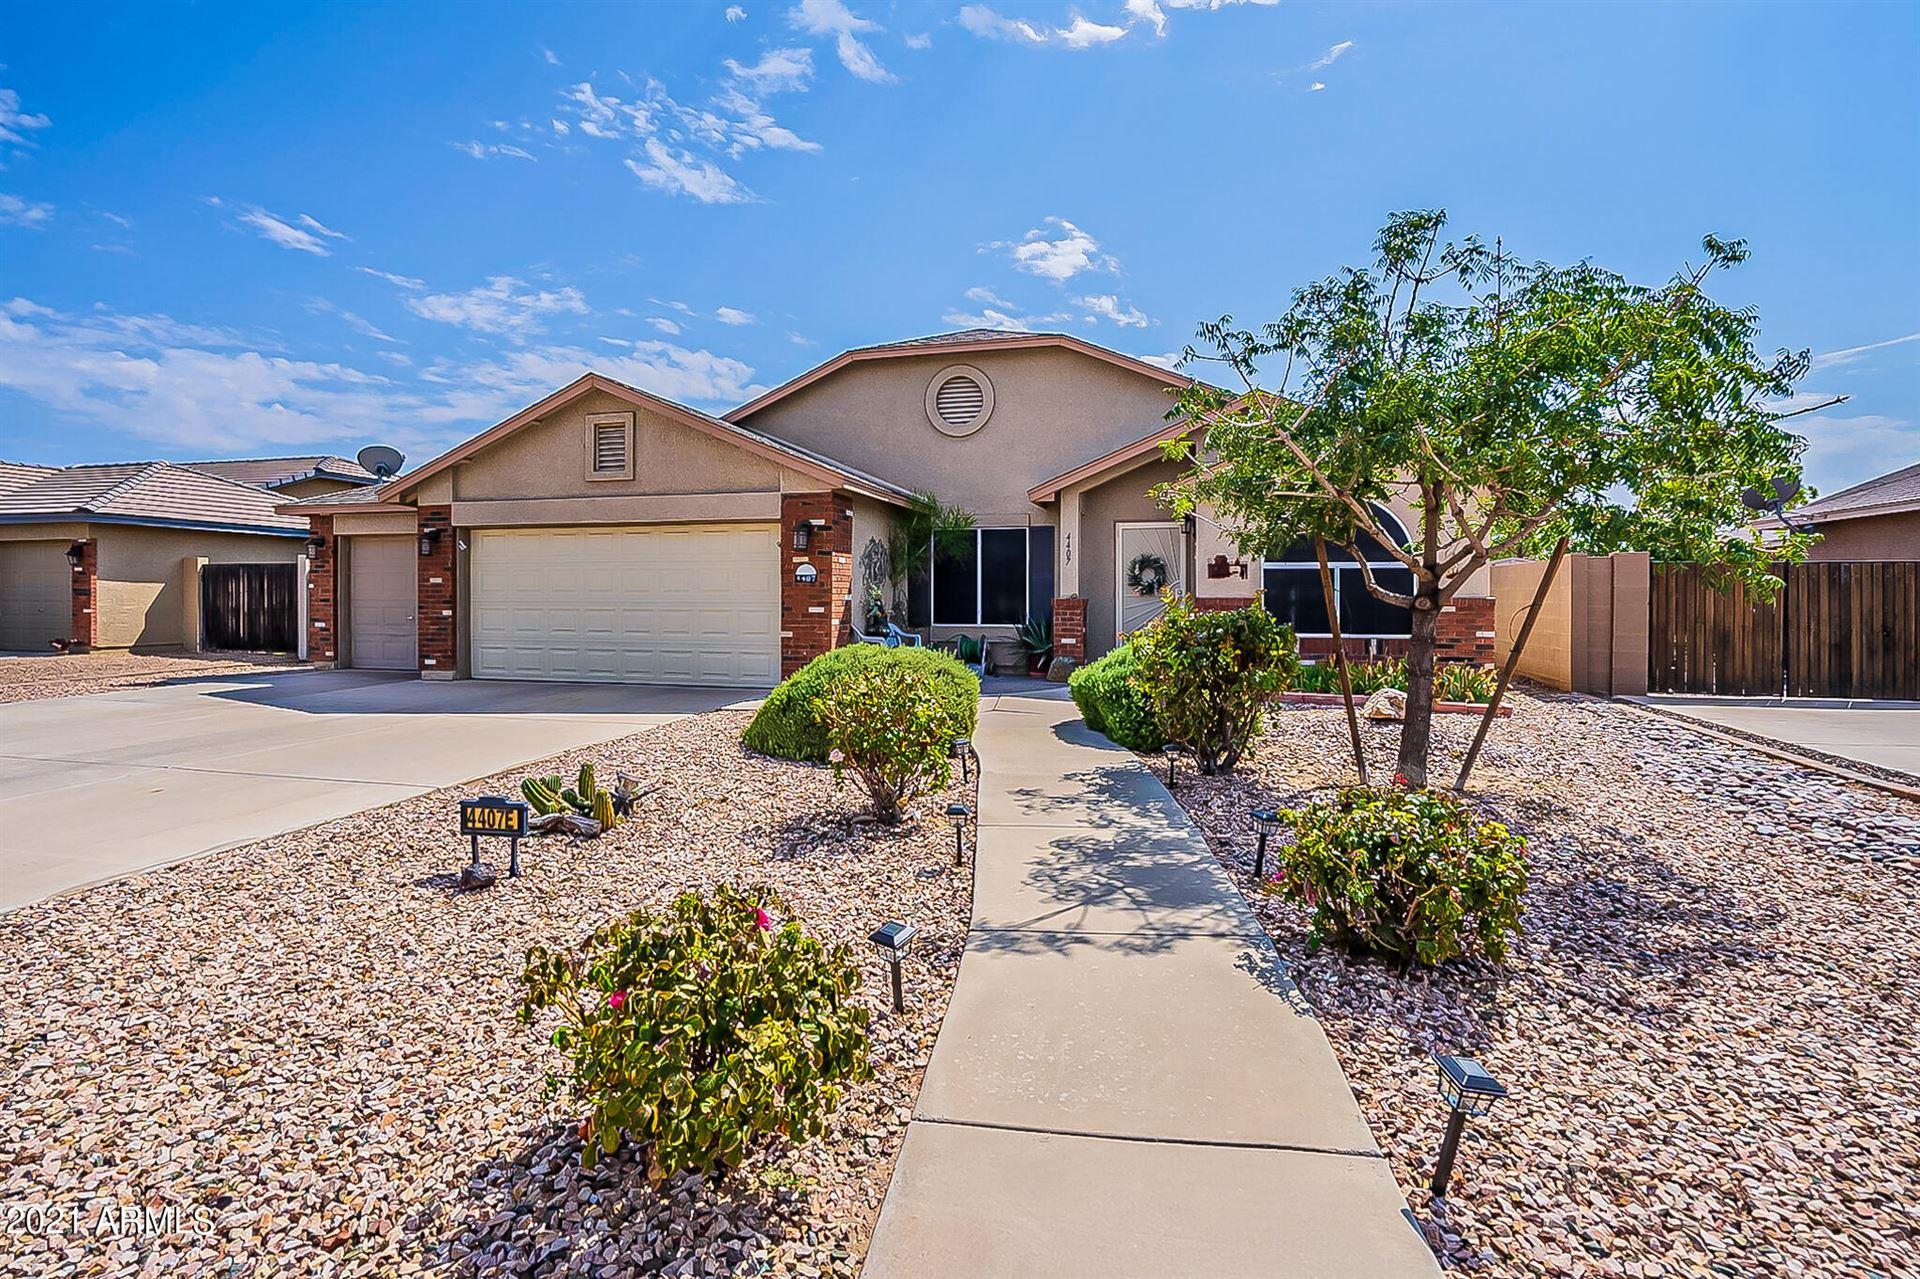 Photo of 4407 E SHETLAND Drive, San Tan Valley, AZ 85140 (MLS # 6295579)